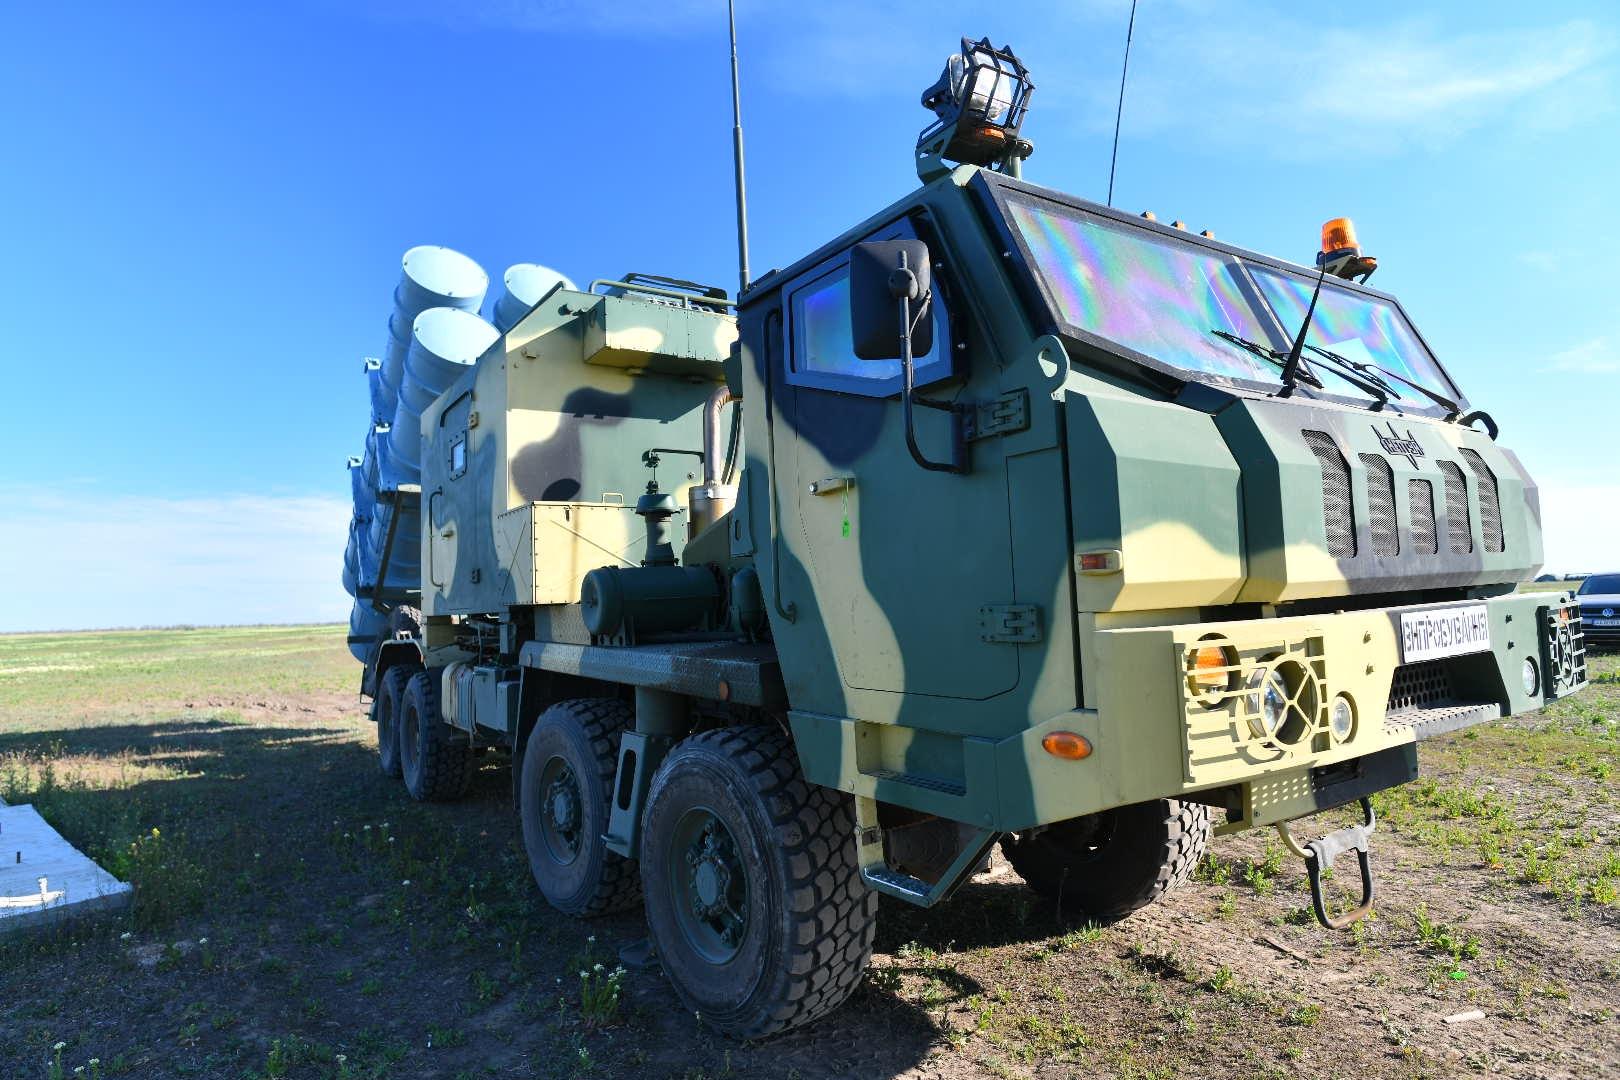 бруса новые украинские ракеты наземные фото булочки кремом